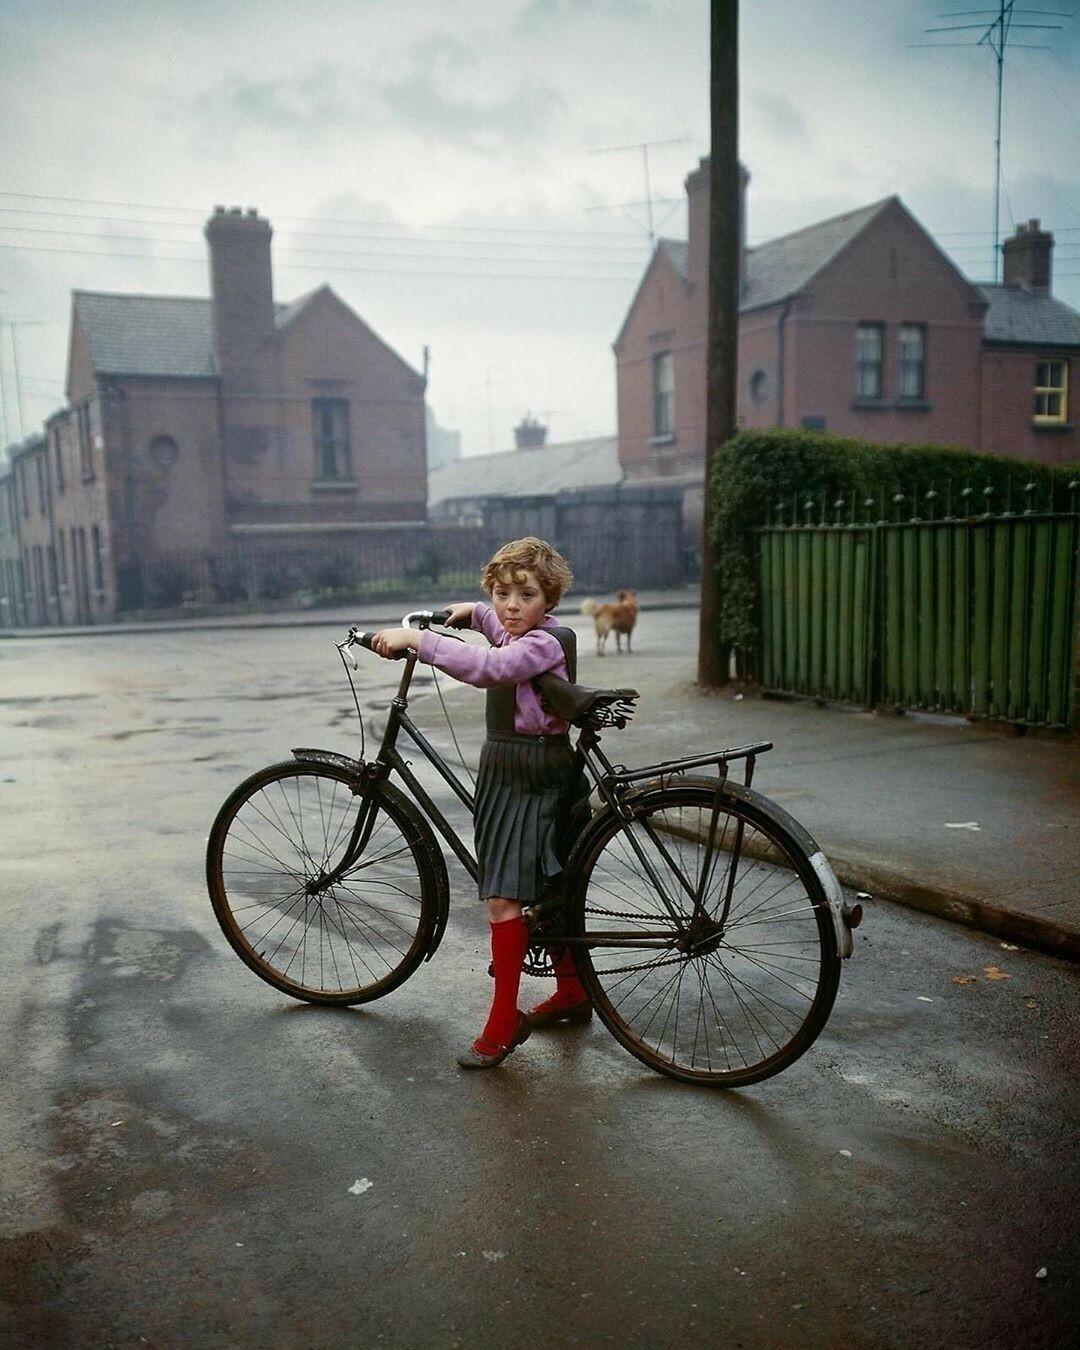 Девочка с велосипедом, Дублин, 1966. Фотограф Эвелин Хофер